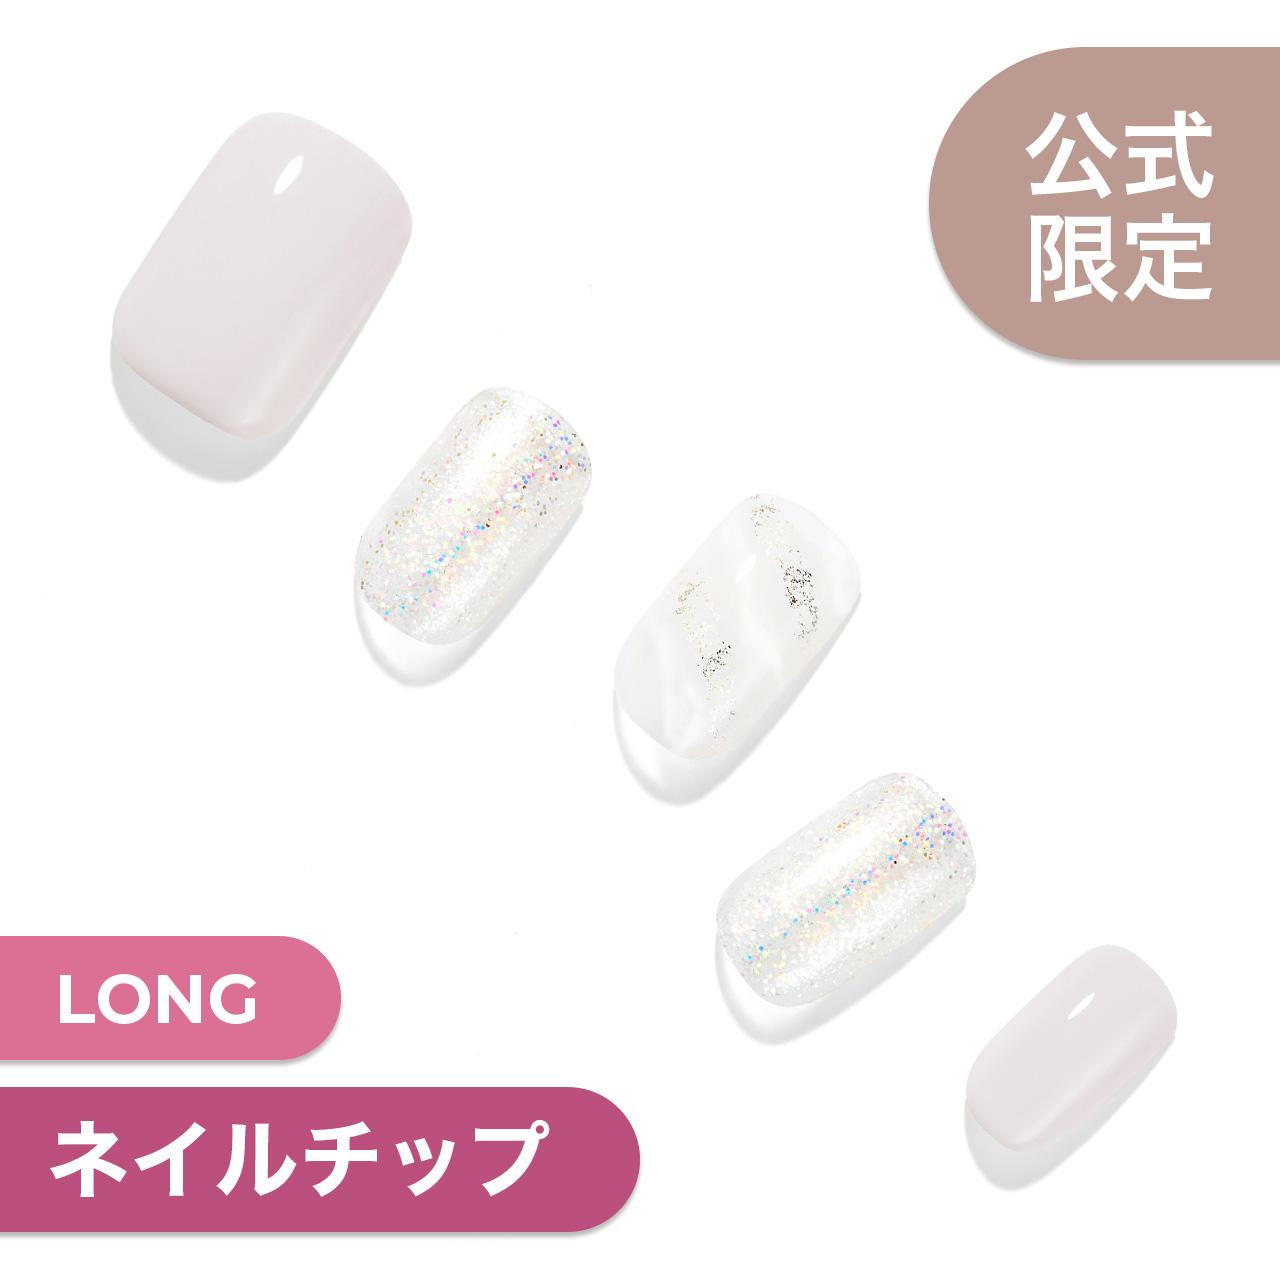 【Cloud Silver】ダッシングディバマジックプレス